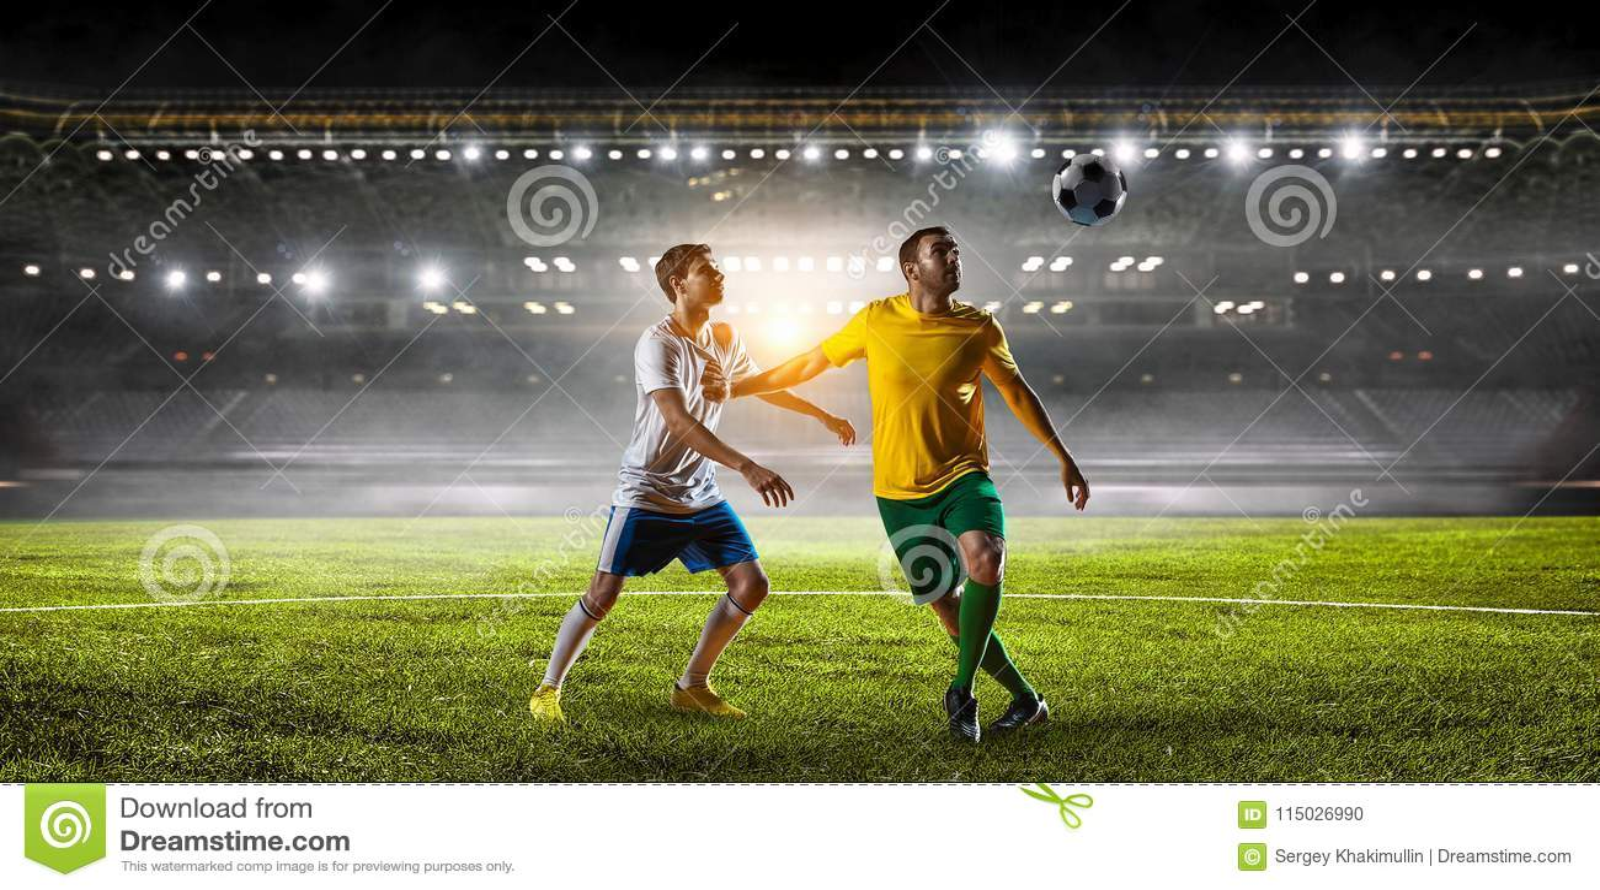 Самые интересные моменты футбола